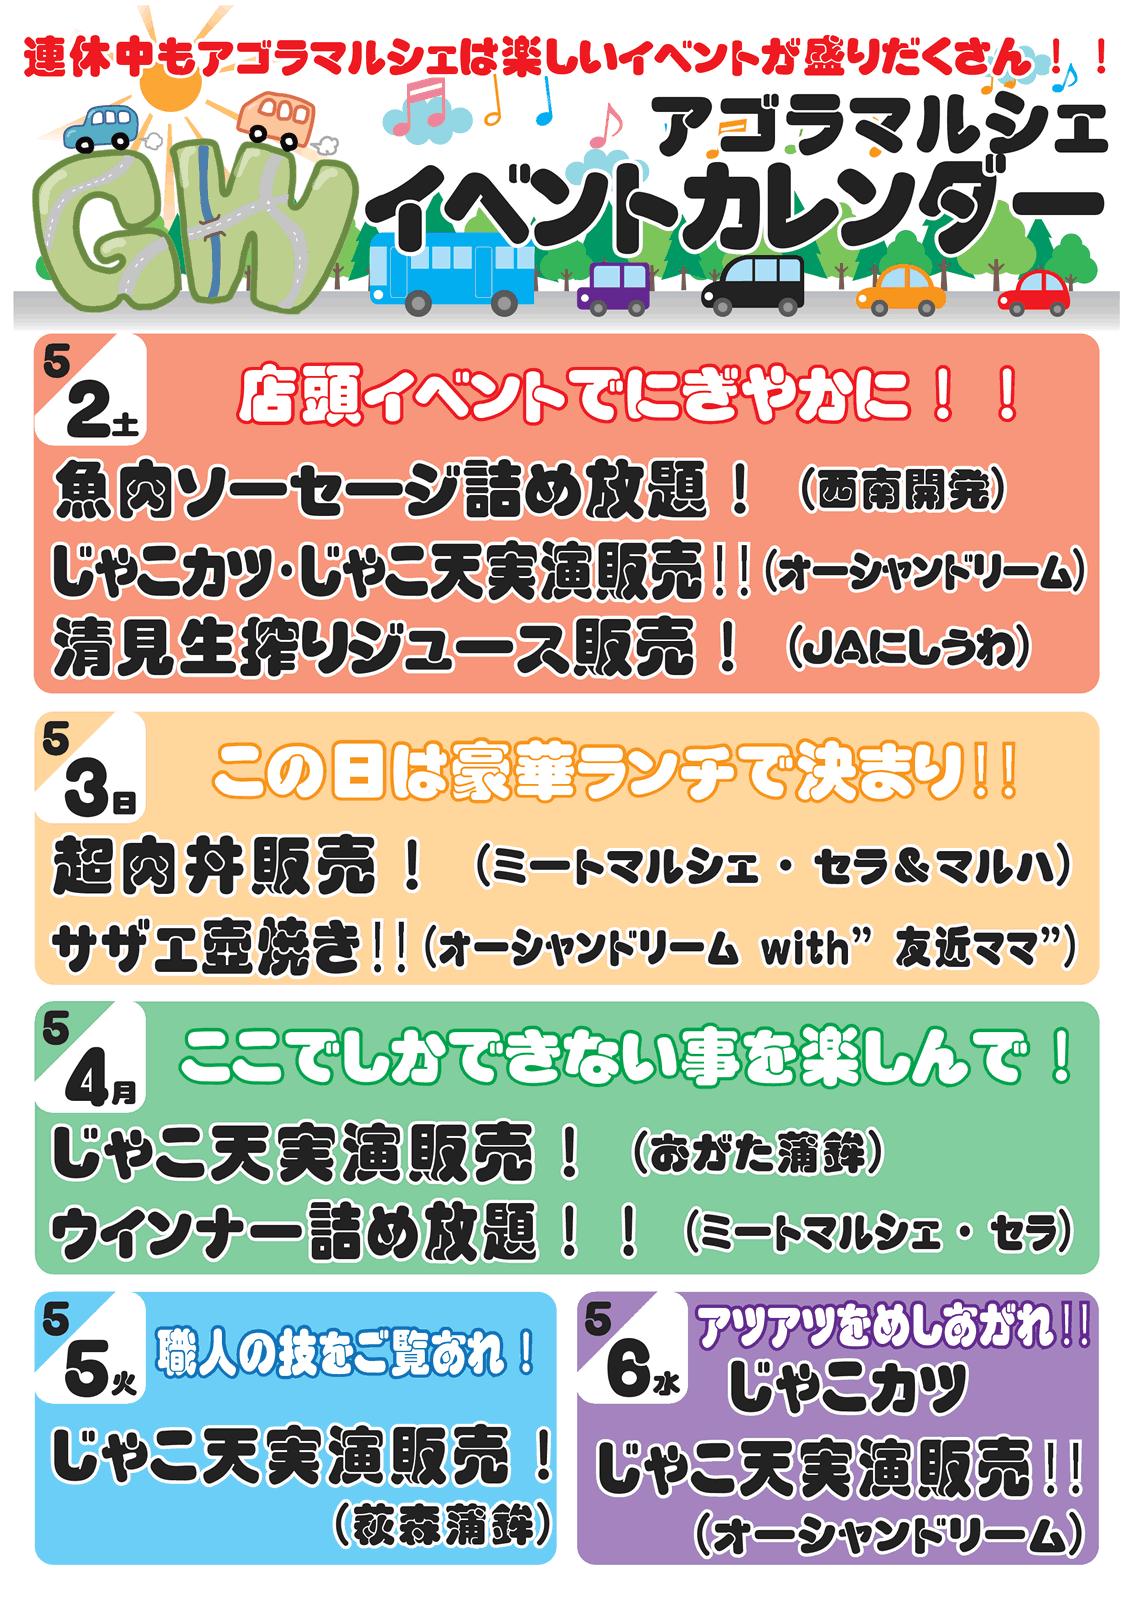 GWイベントカレンダー